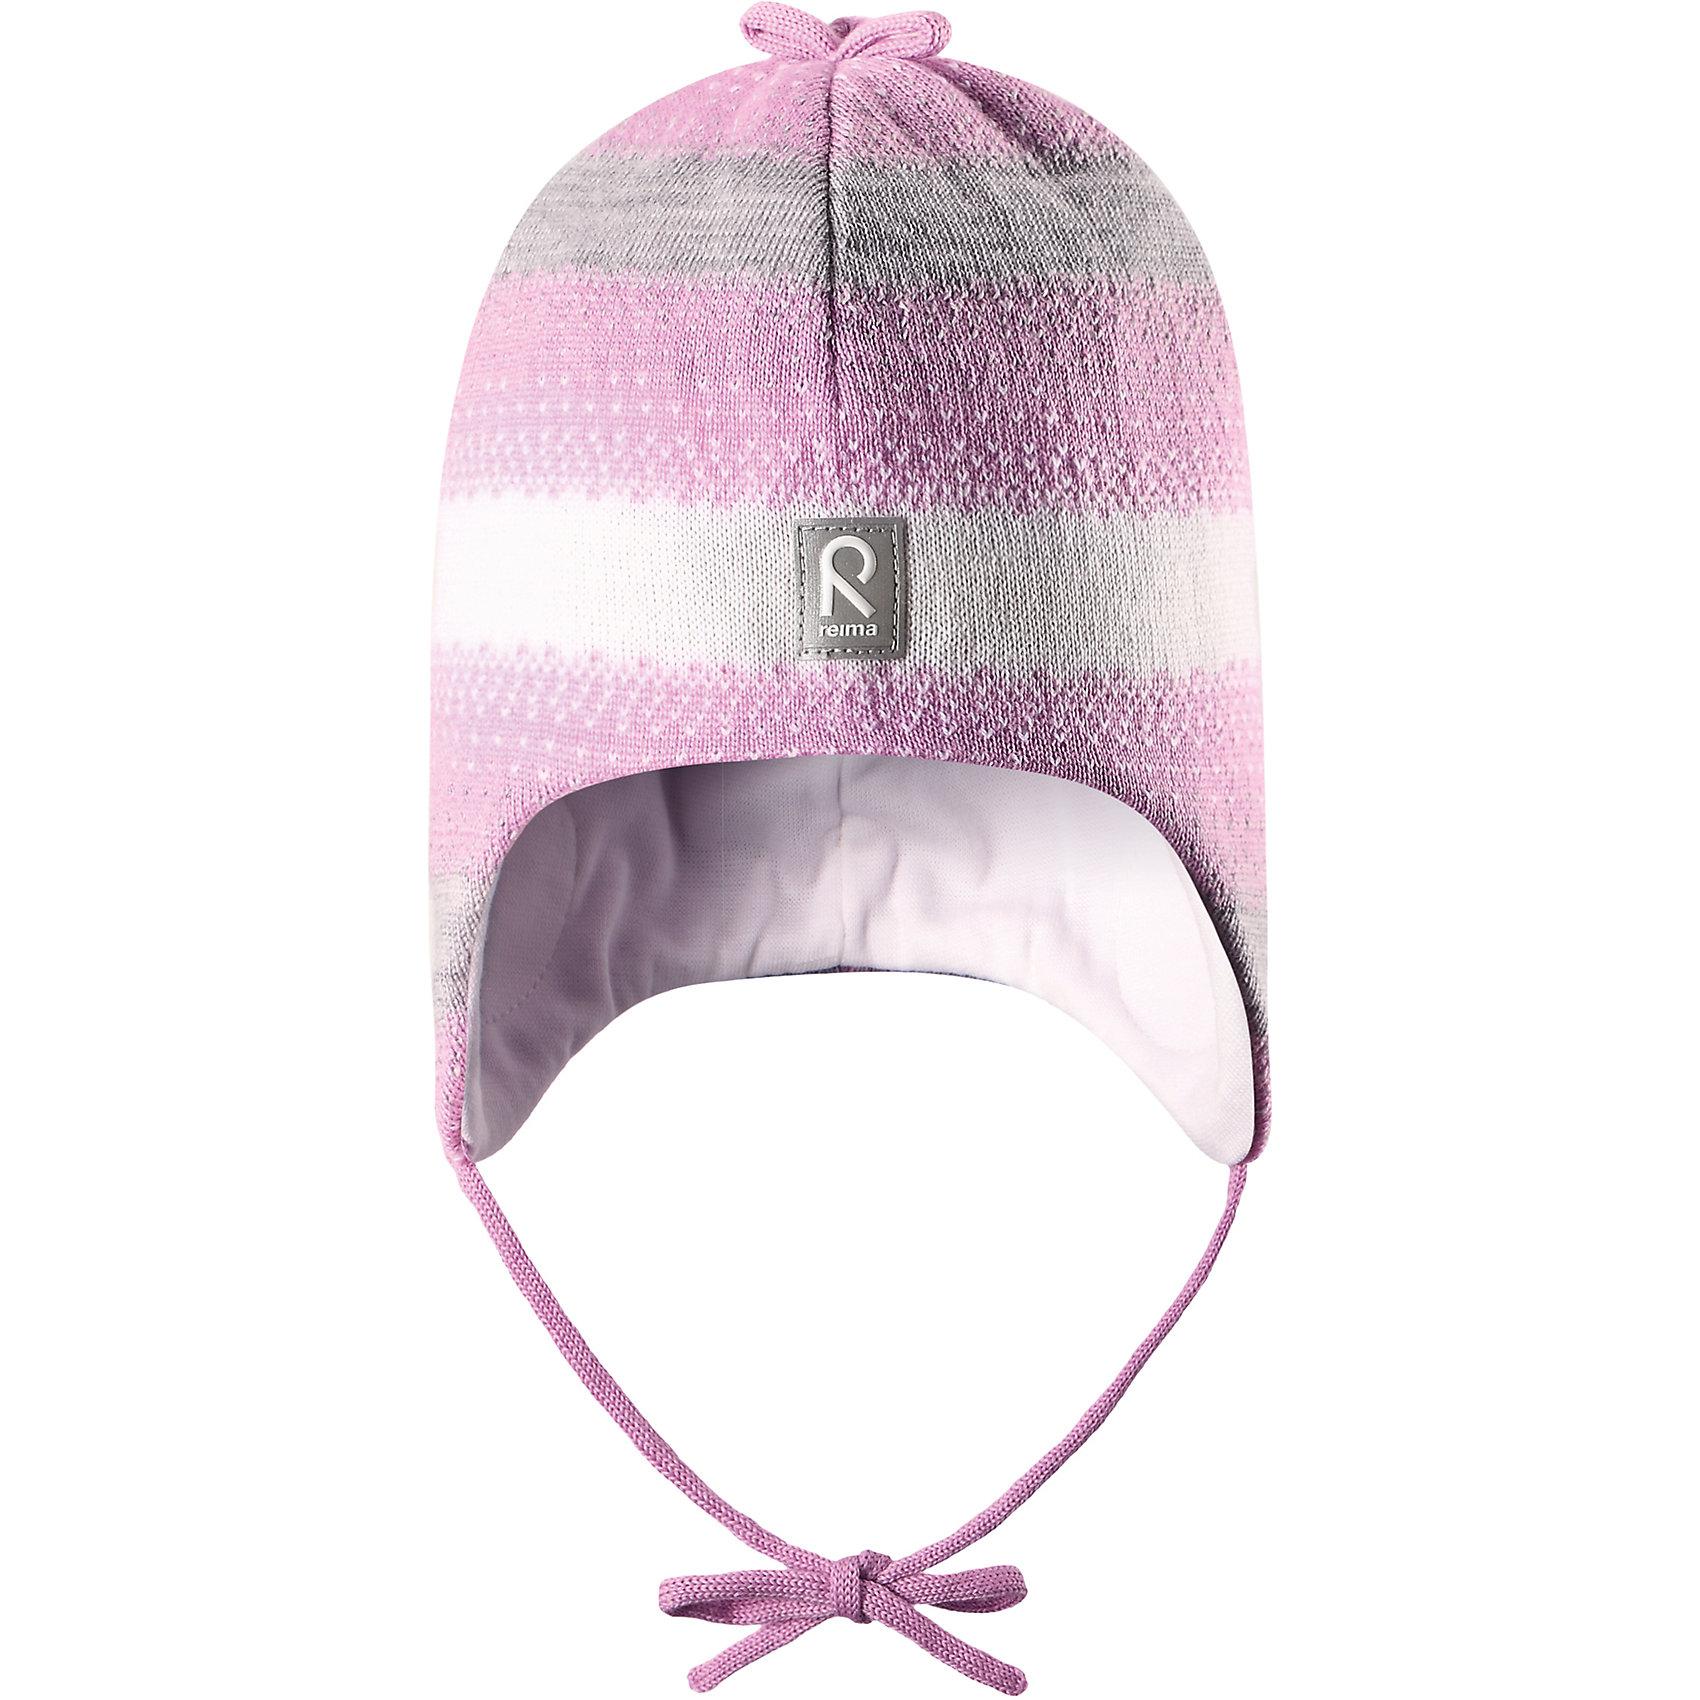 Шапка Pilvet для девочки ReimaШапки и шарфы<br>Шапка для девочки Reima<br>Шапка «Бини» для малышей. Мягкая ткань из мериносовой шерсти для поддержания идеальной температуры тела. Теплая шерстяная вязка (волокно). Товар сертифицирован Oeko-Tex, класс 1, одежда для малышей. Ветронепроницаемые вставки в области ушей. Любые размеры. Мягкая подкладка из хлопка и эластана. Логотип Reima® спереди. Узор из цветных полос. Декоративные элементы сверху. Светоотражающий элемент спереди.<br>Уход:<br>Стирать по отдельности, вывернув наизнанку. Придать первоначальную форму вo влажном виде. Возможна усадка 5 %.<br>Состав:<br>100% Шерсть<br><br>Ширина мм: 89<br>Глубина мм: 117<br>Высота мм: 44<br>Вес г: 155<br>Цвет: розовый<br>Возраст от месяцев: 18<br>Возраст до месяцев: 36<br>Пол: Женский<br>Возраст: Детский<br>Размер: 50,48,52,46<br>SKU: 4777172